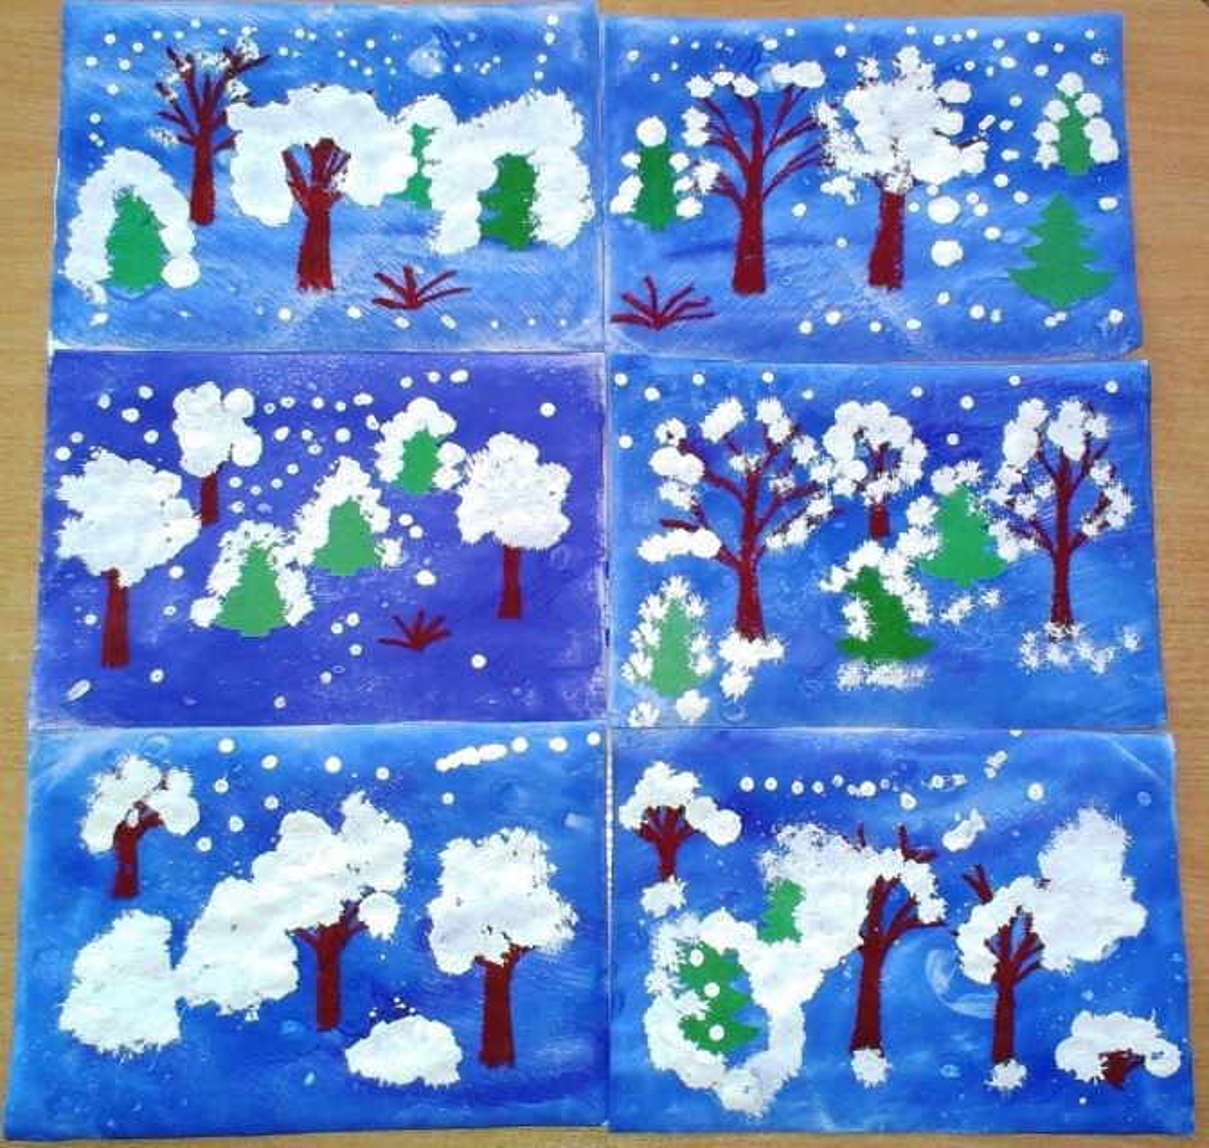 Конспект занятия по рисованию для 1 младшей группы по теме снег идет рисование ватными палочками